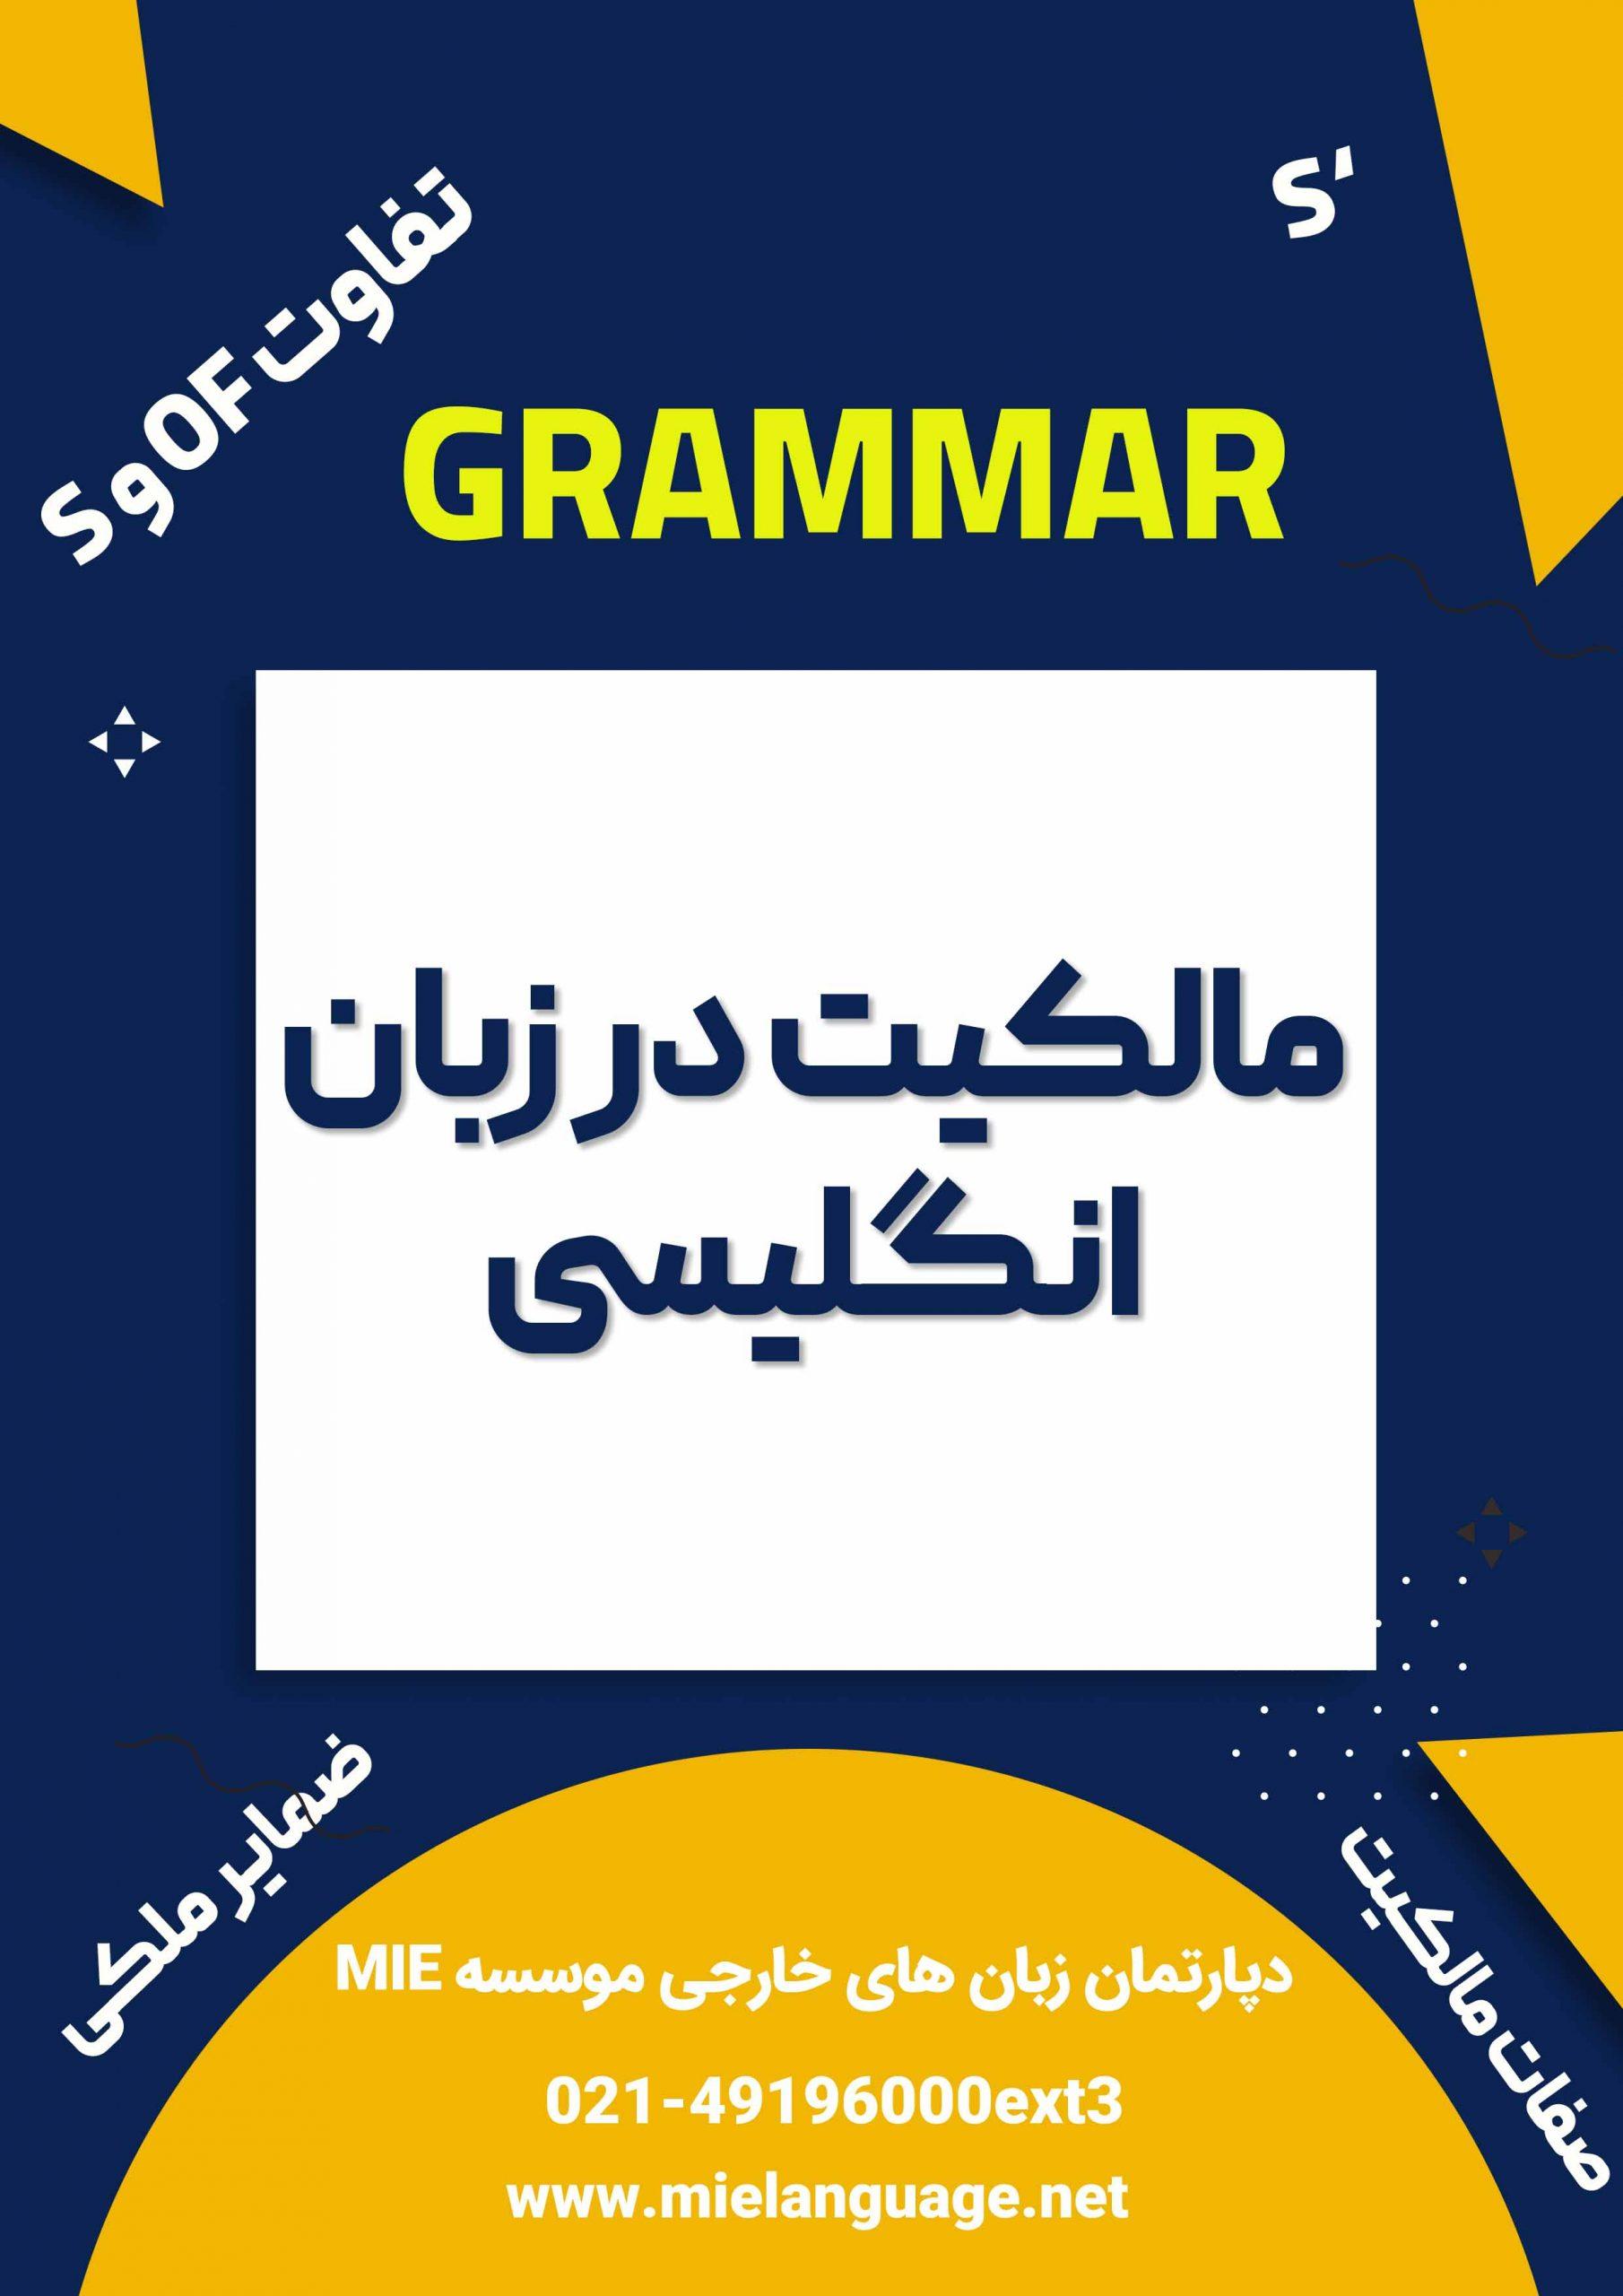 ساده ترین روش یادگیری مالکیت در زبان انگلیسی